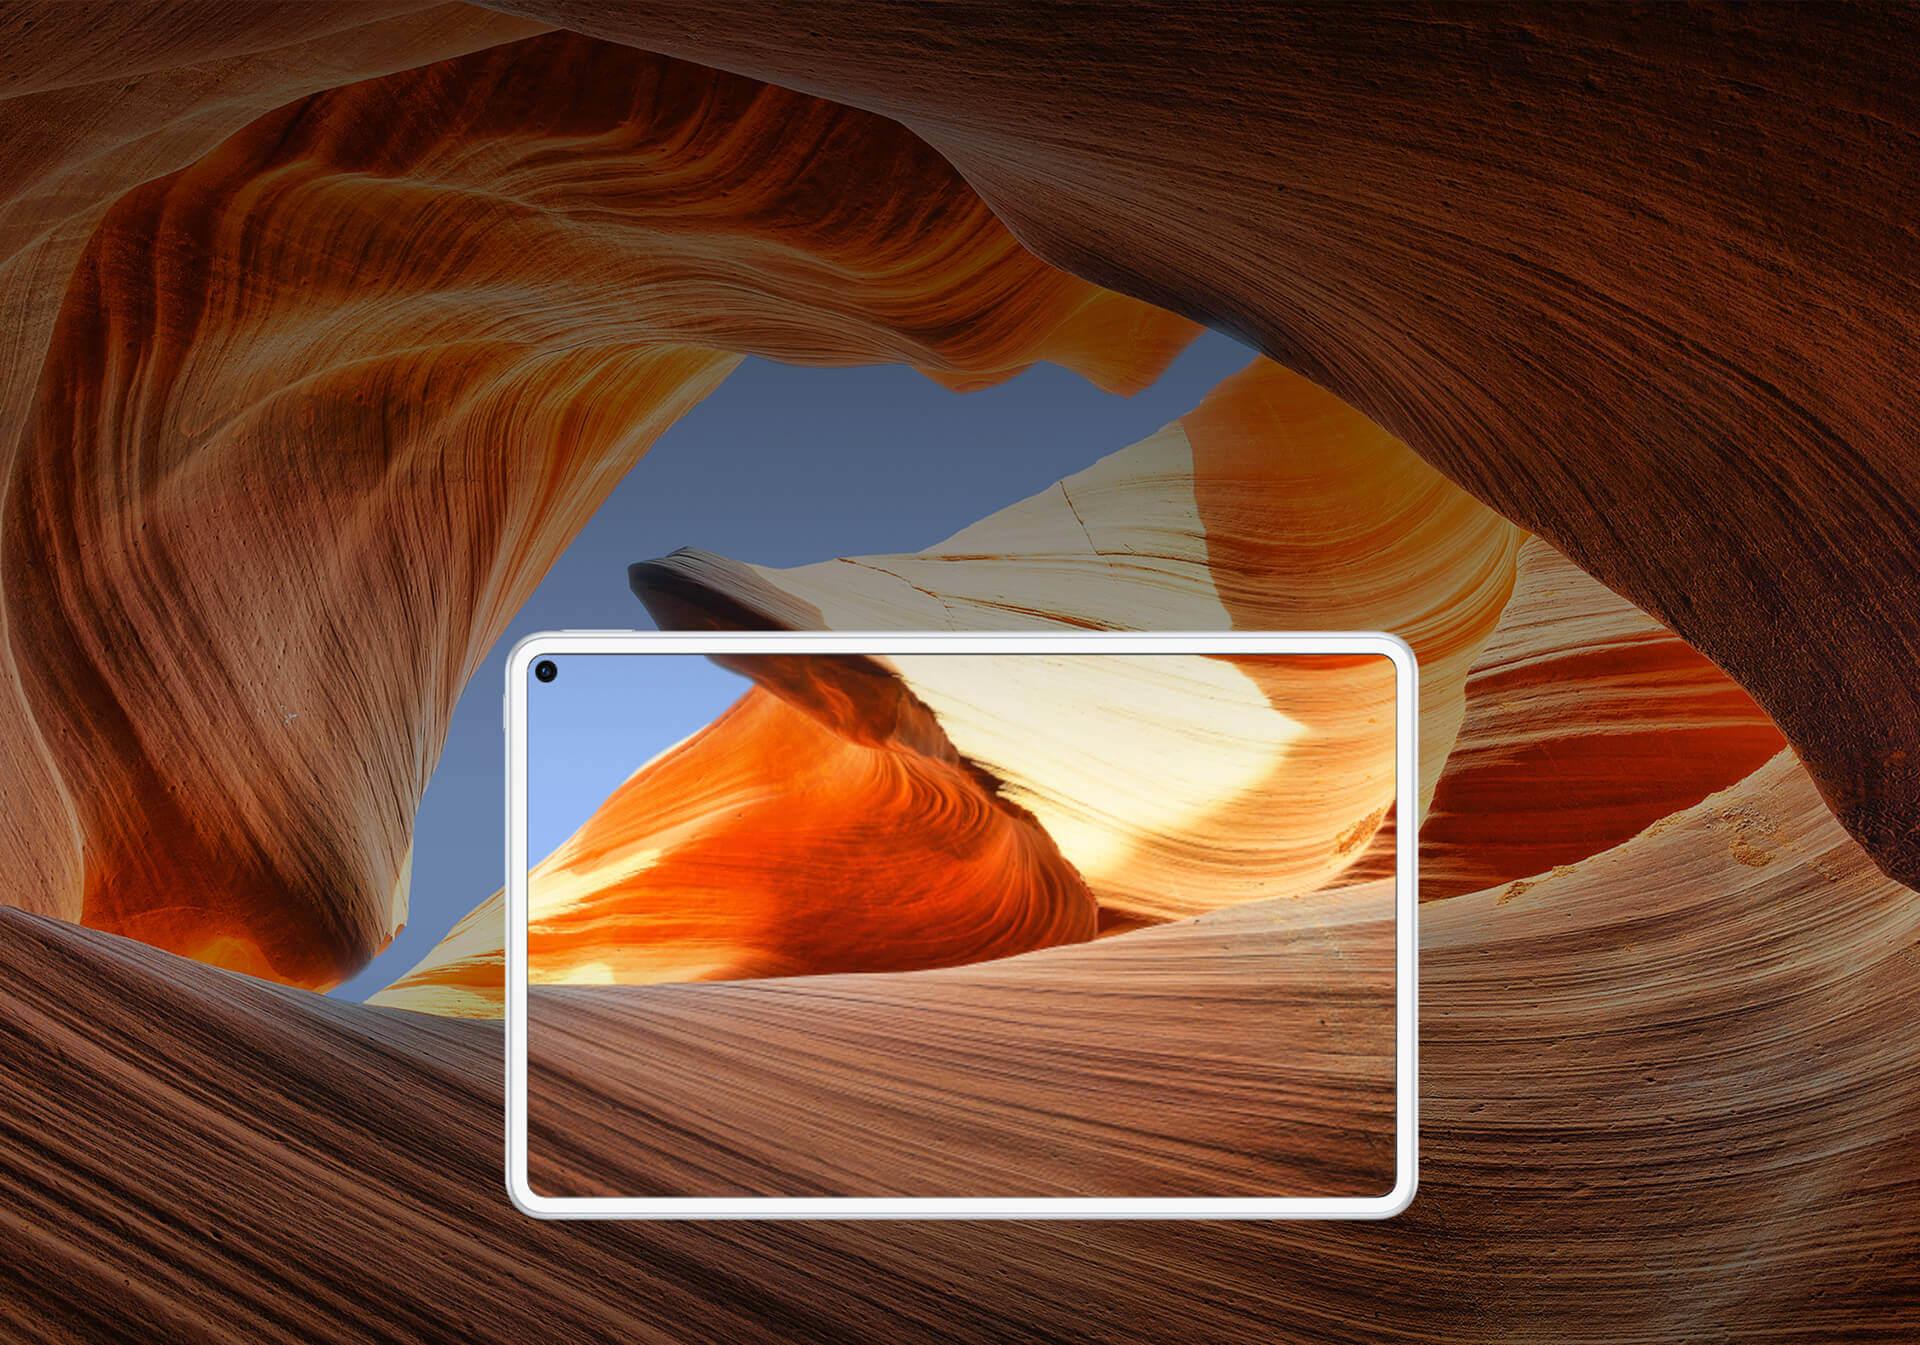 huawei-matepad-pro-fullview-display-pc-1